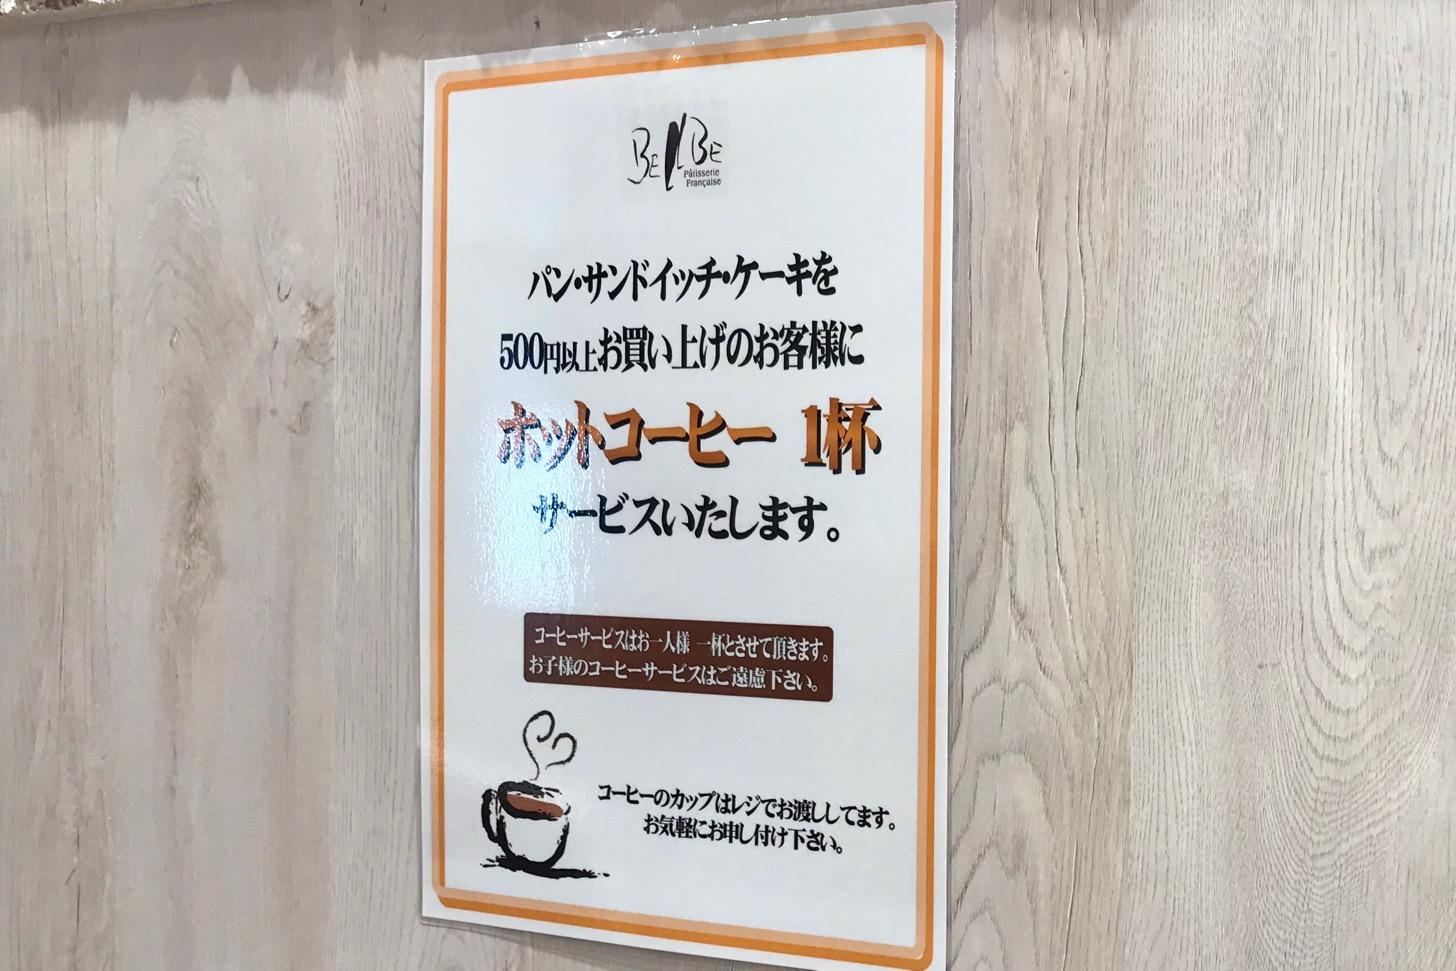 パン、サンドウィッチ、ケーキを500円以上購入するとホットコーヒーを1杯サービス